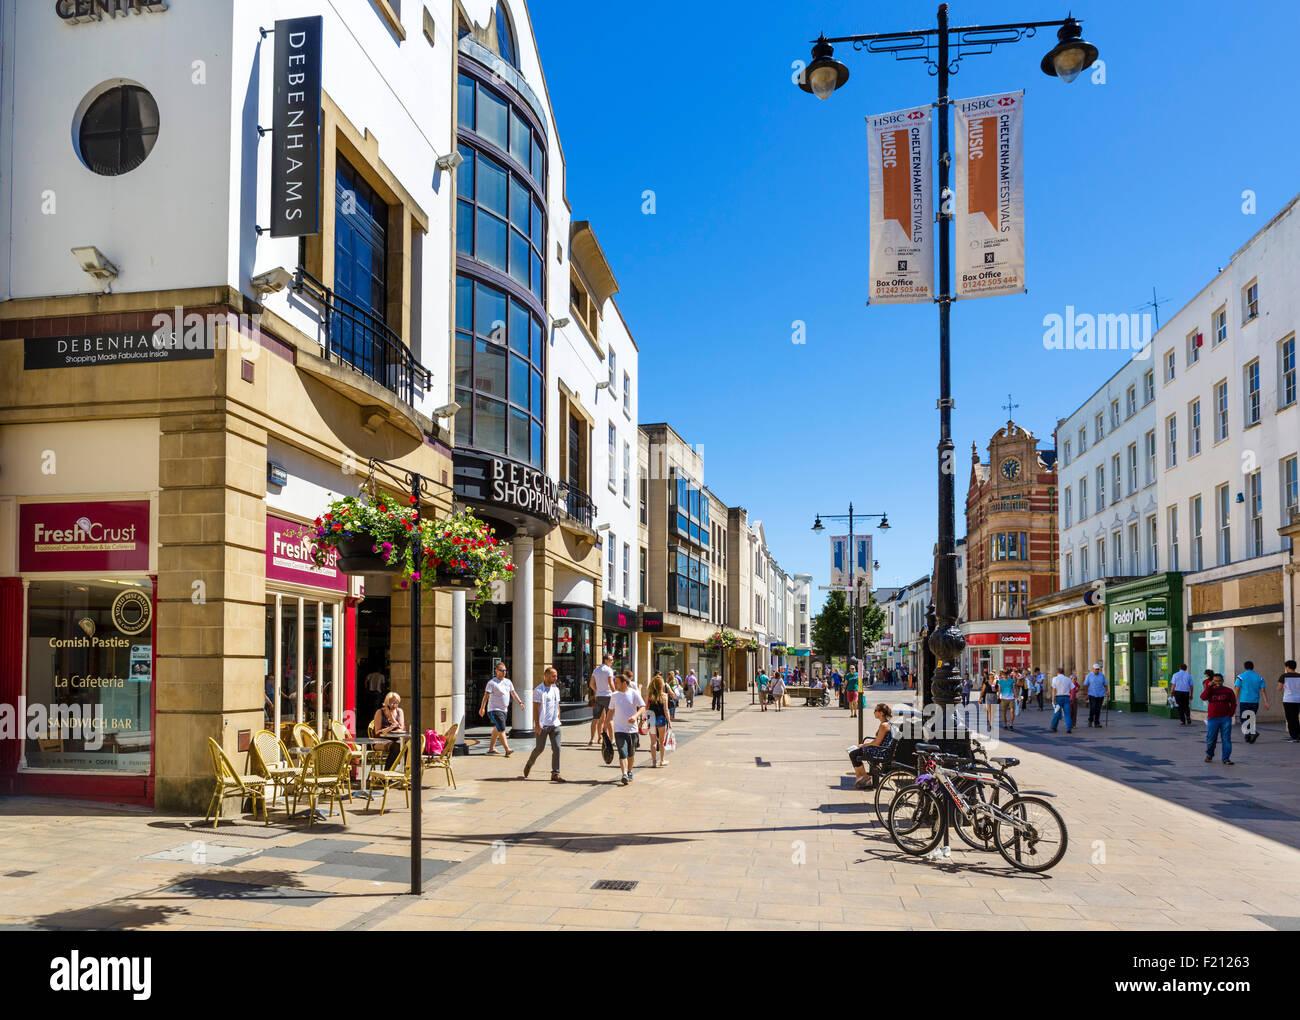 The High Street, Cheltenham, Gloucestershire, England, UK - Stock Image